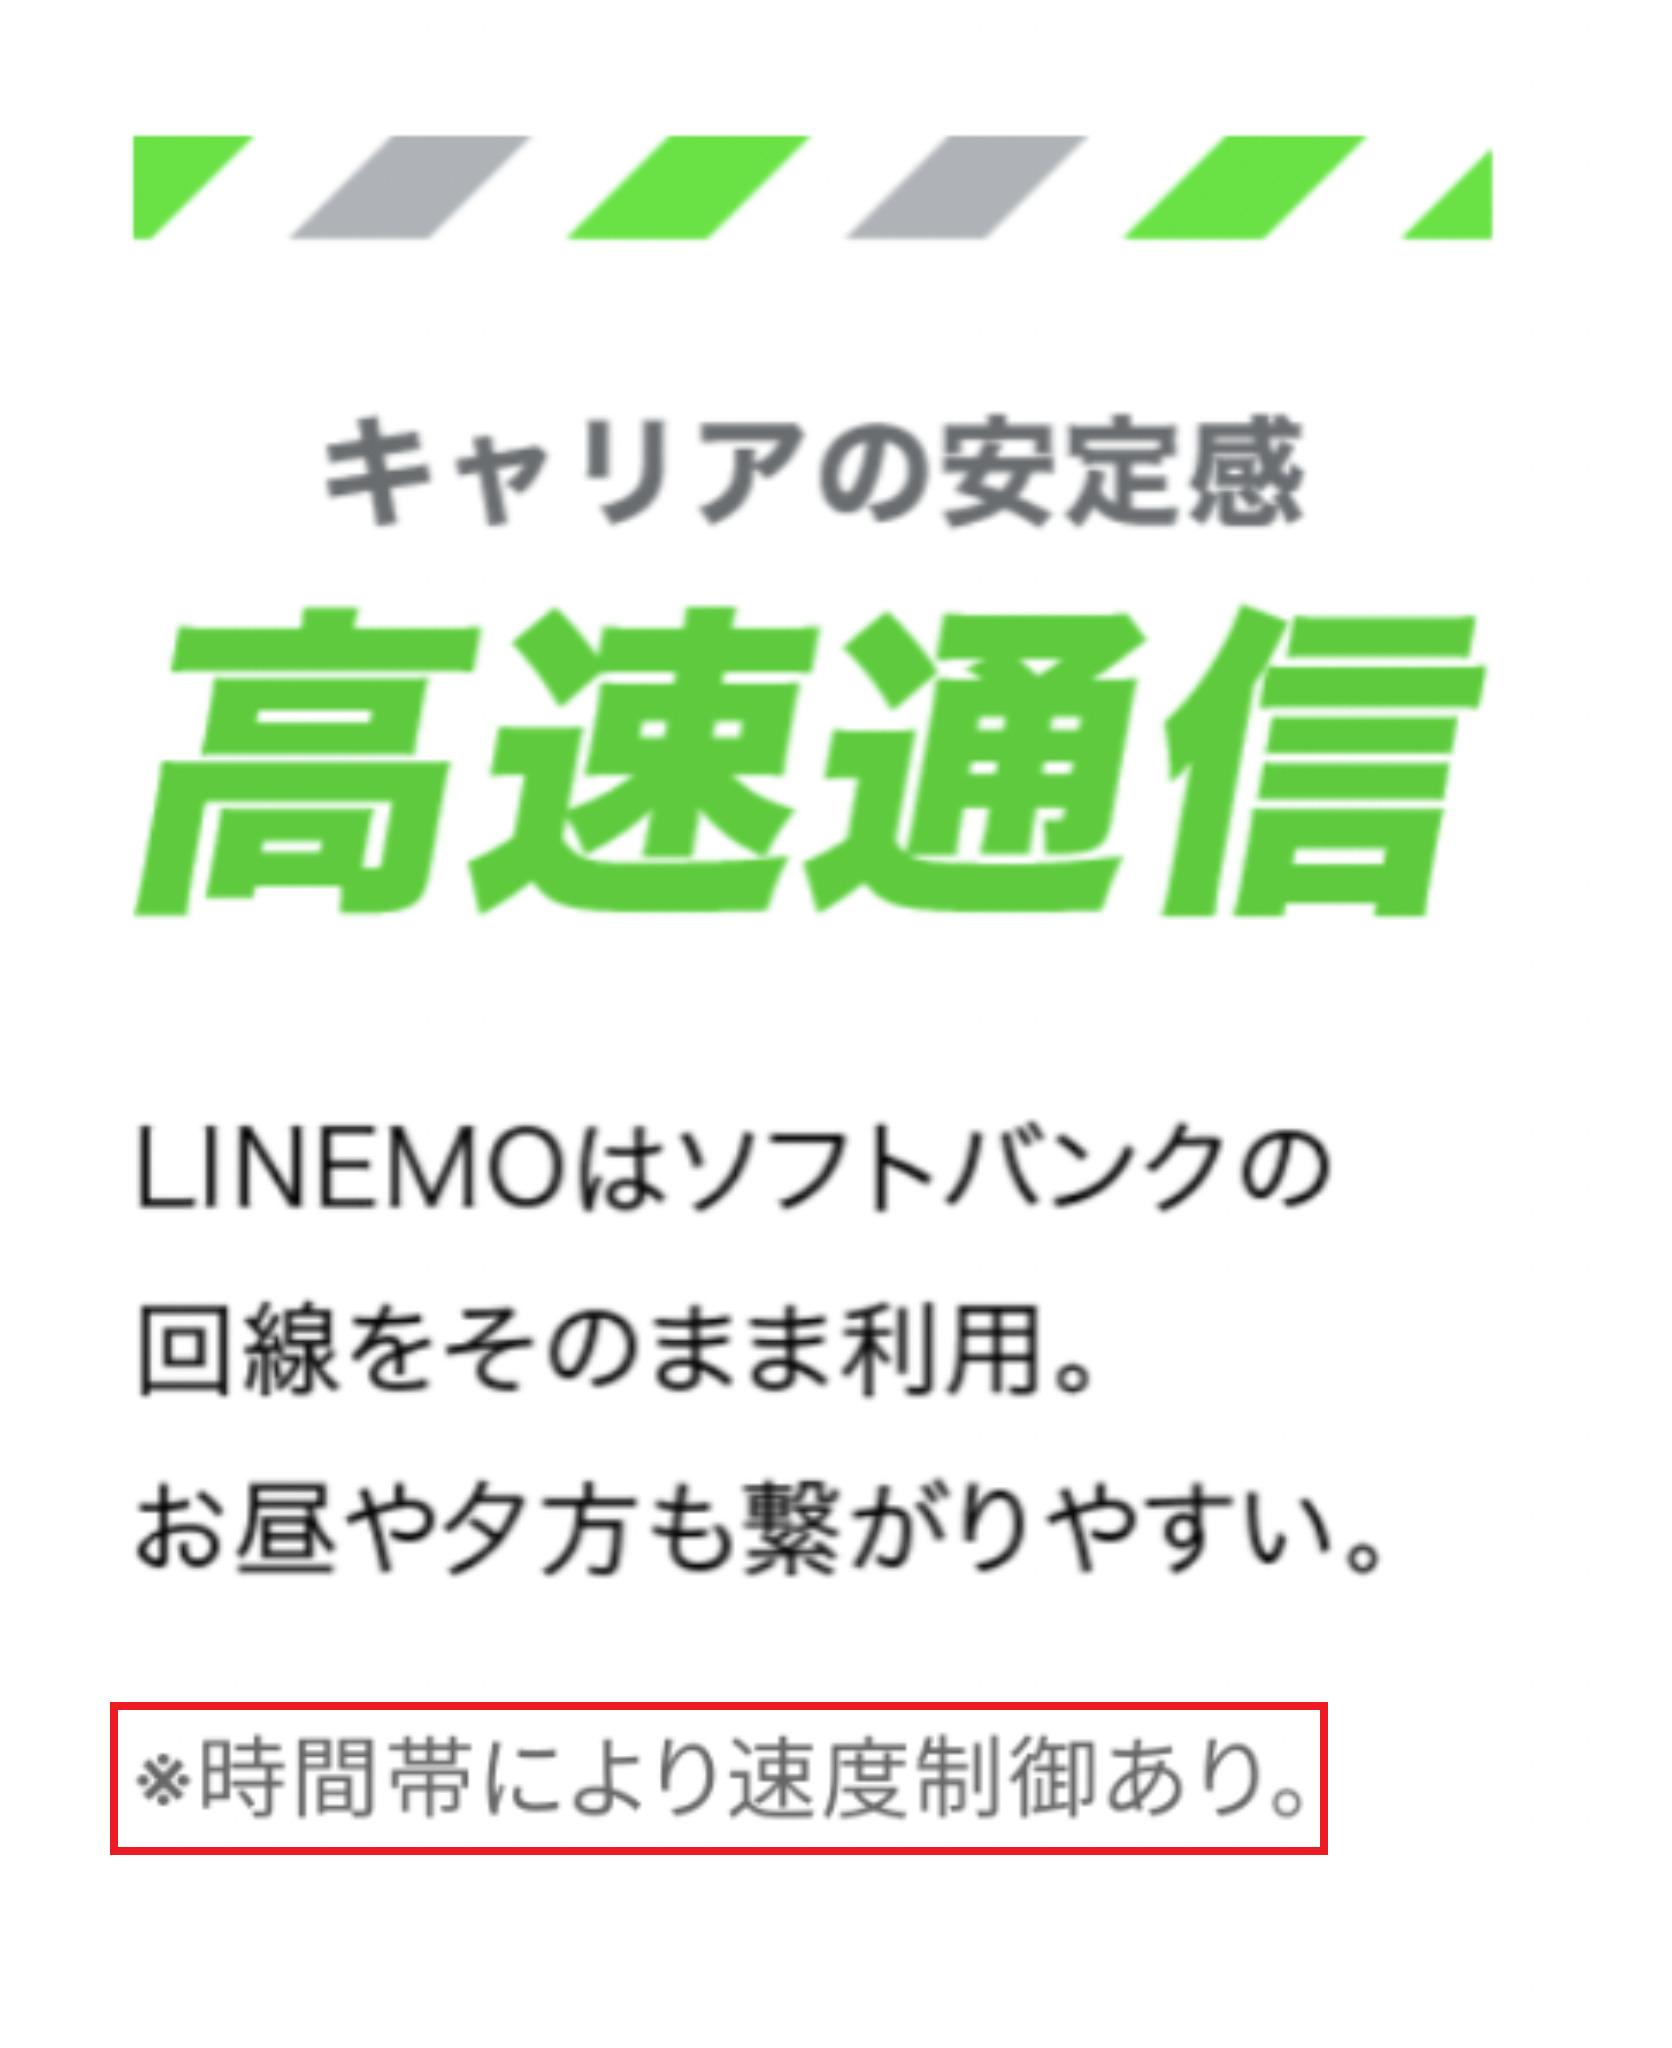 LINEMOの速度制限